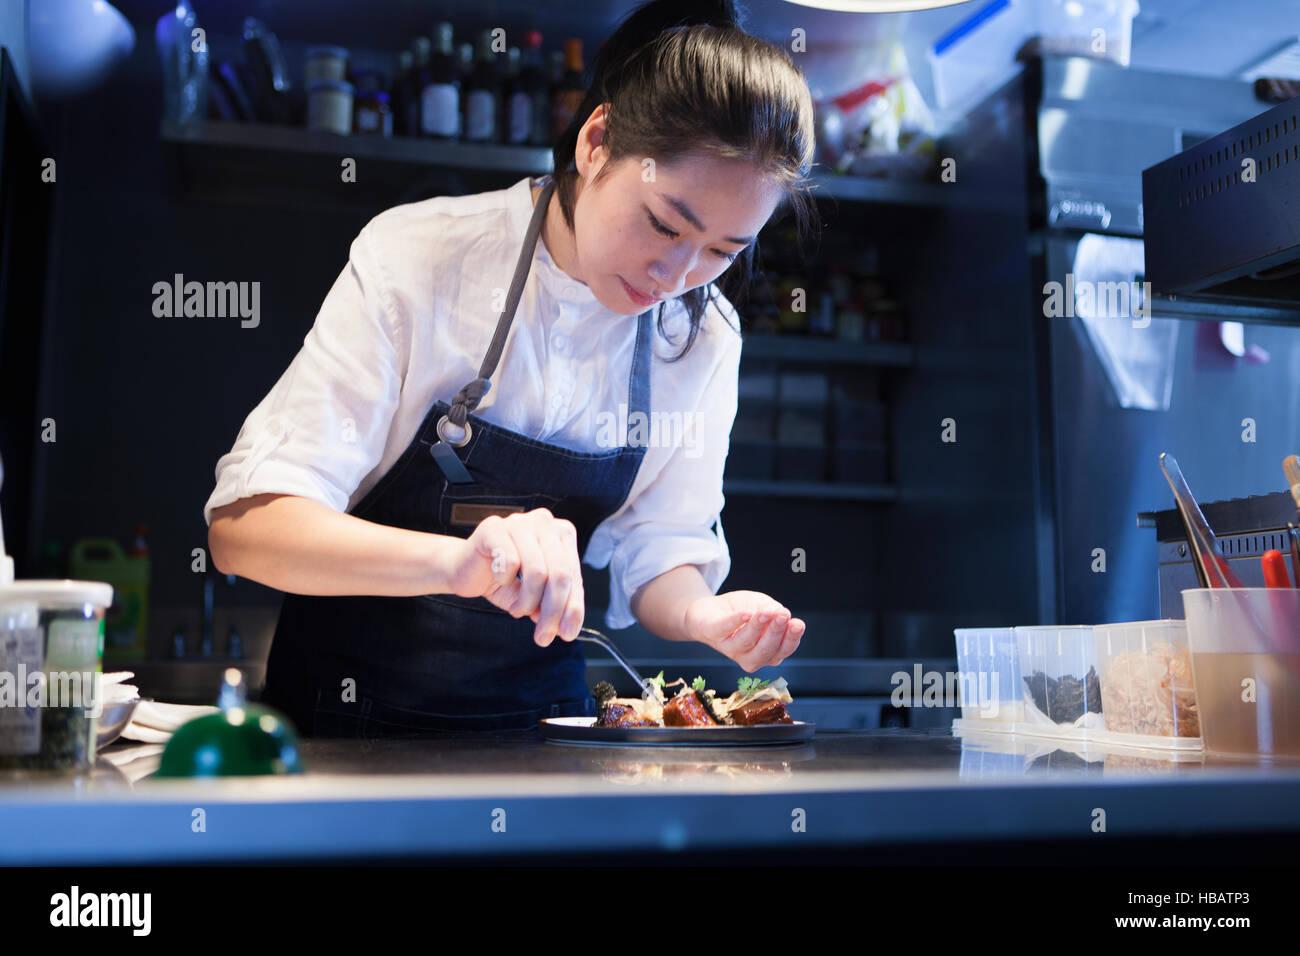 El chef de cocina comercial sazonar los alimentos Imagen De Stock